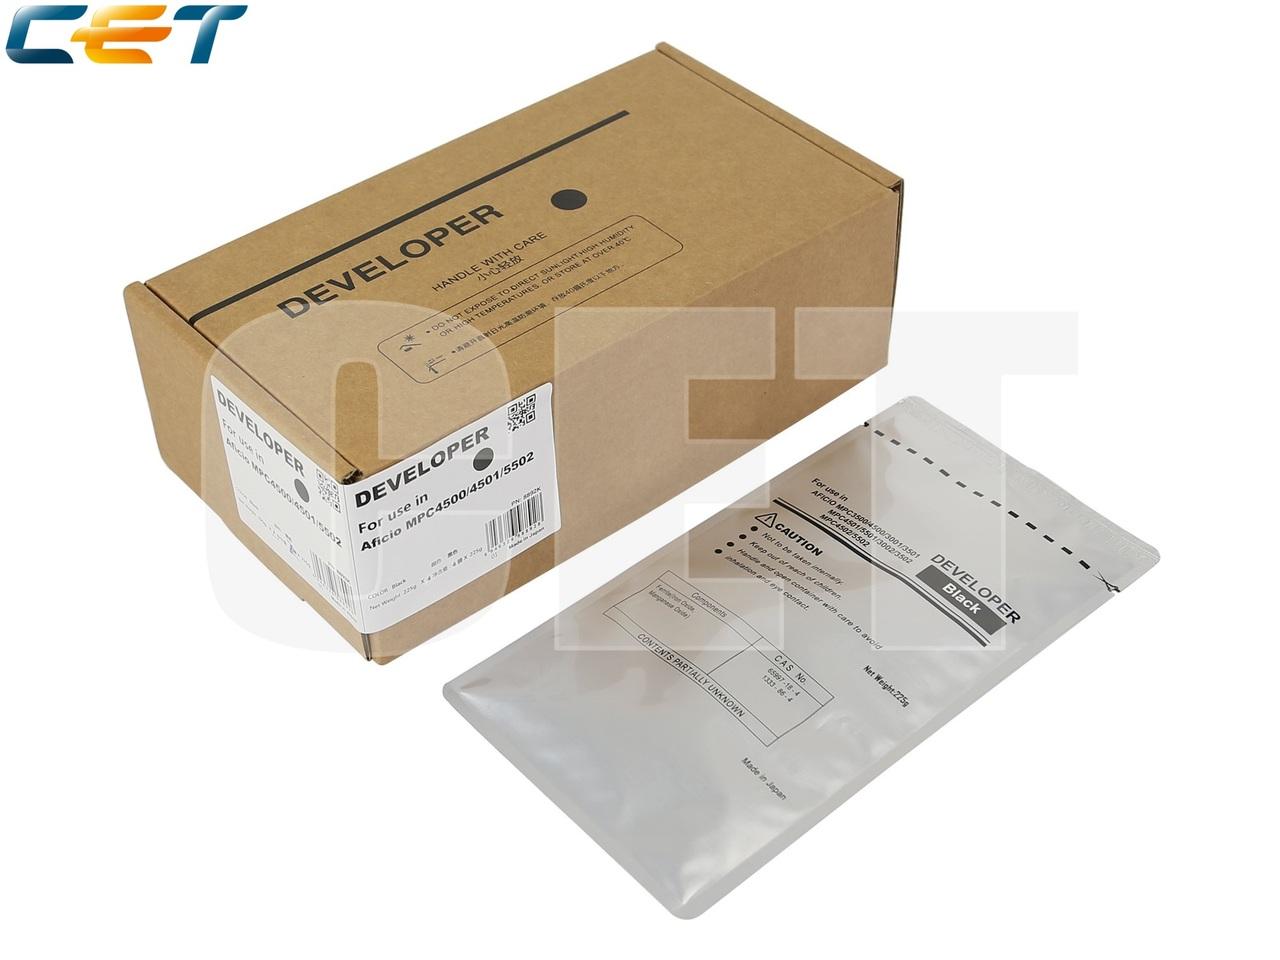 Девелопер для RICOH Aficio MPC4500/4501/5502 (CET) Black,225г, 160000 стр., CET8892K